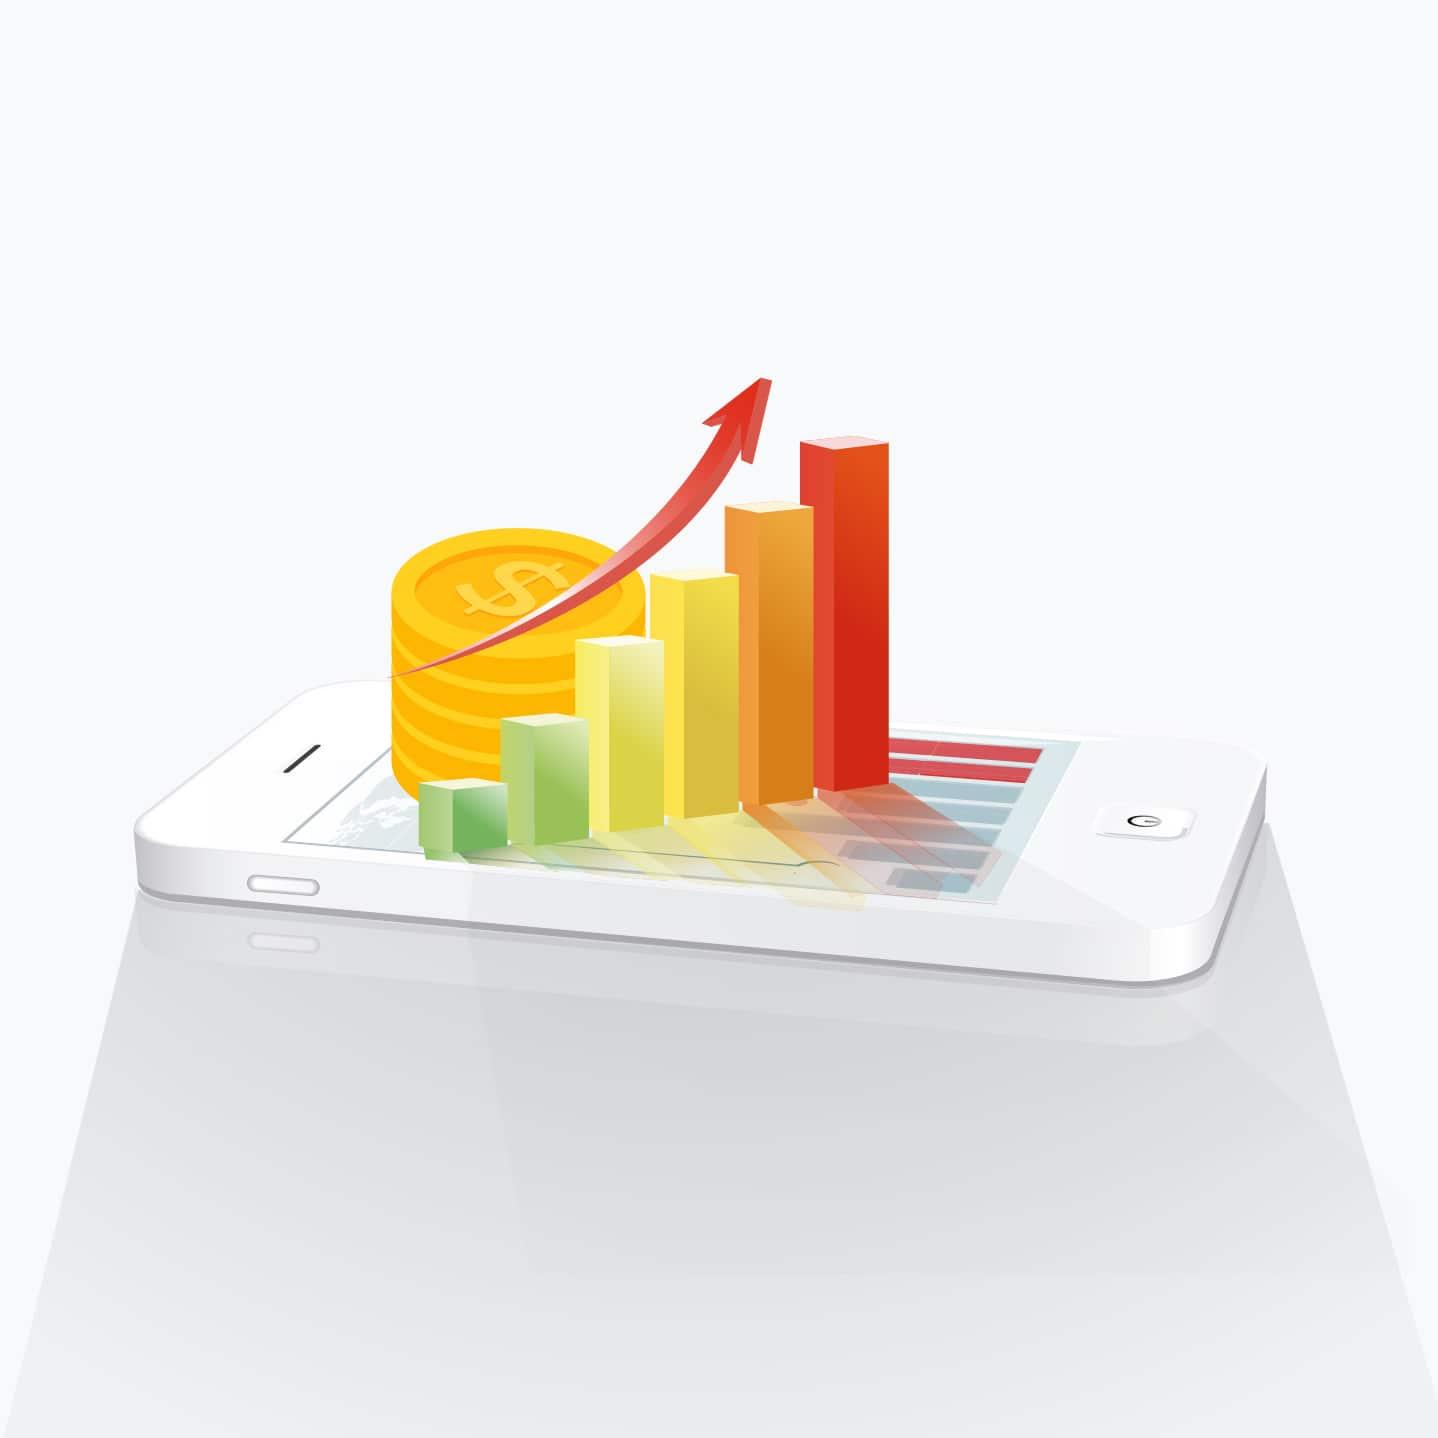 لماذا عليك الإستثمار فى تطبيقات الجوال